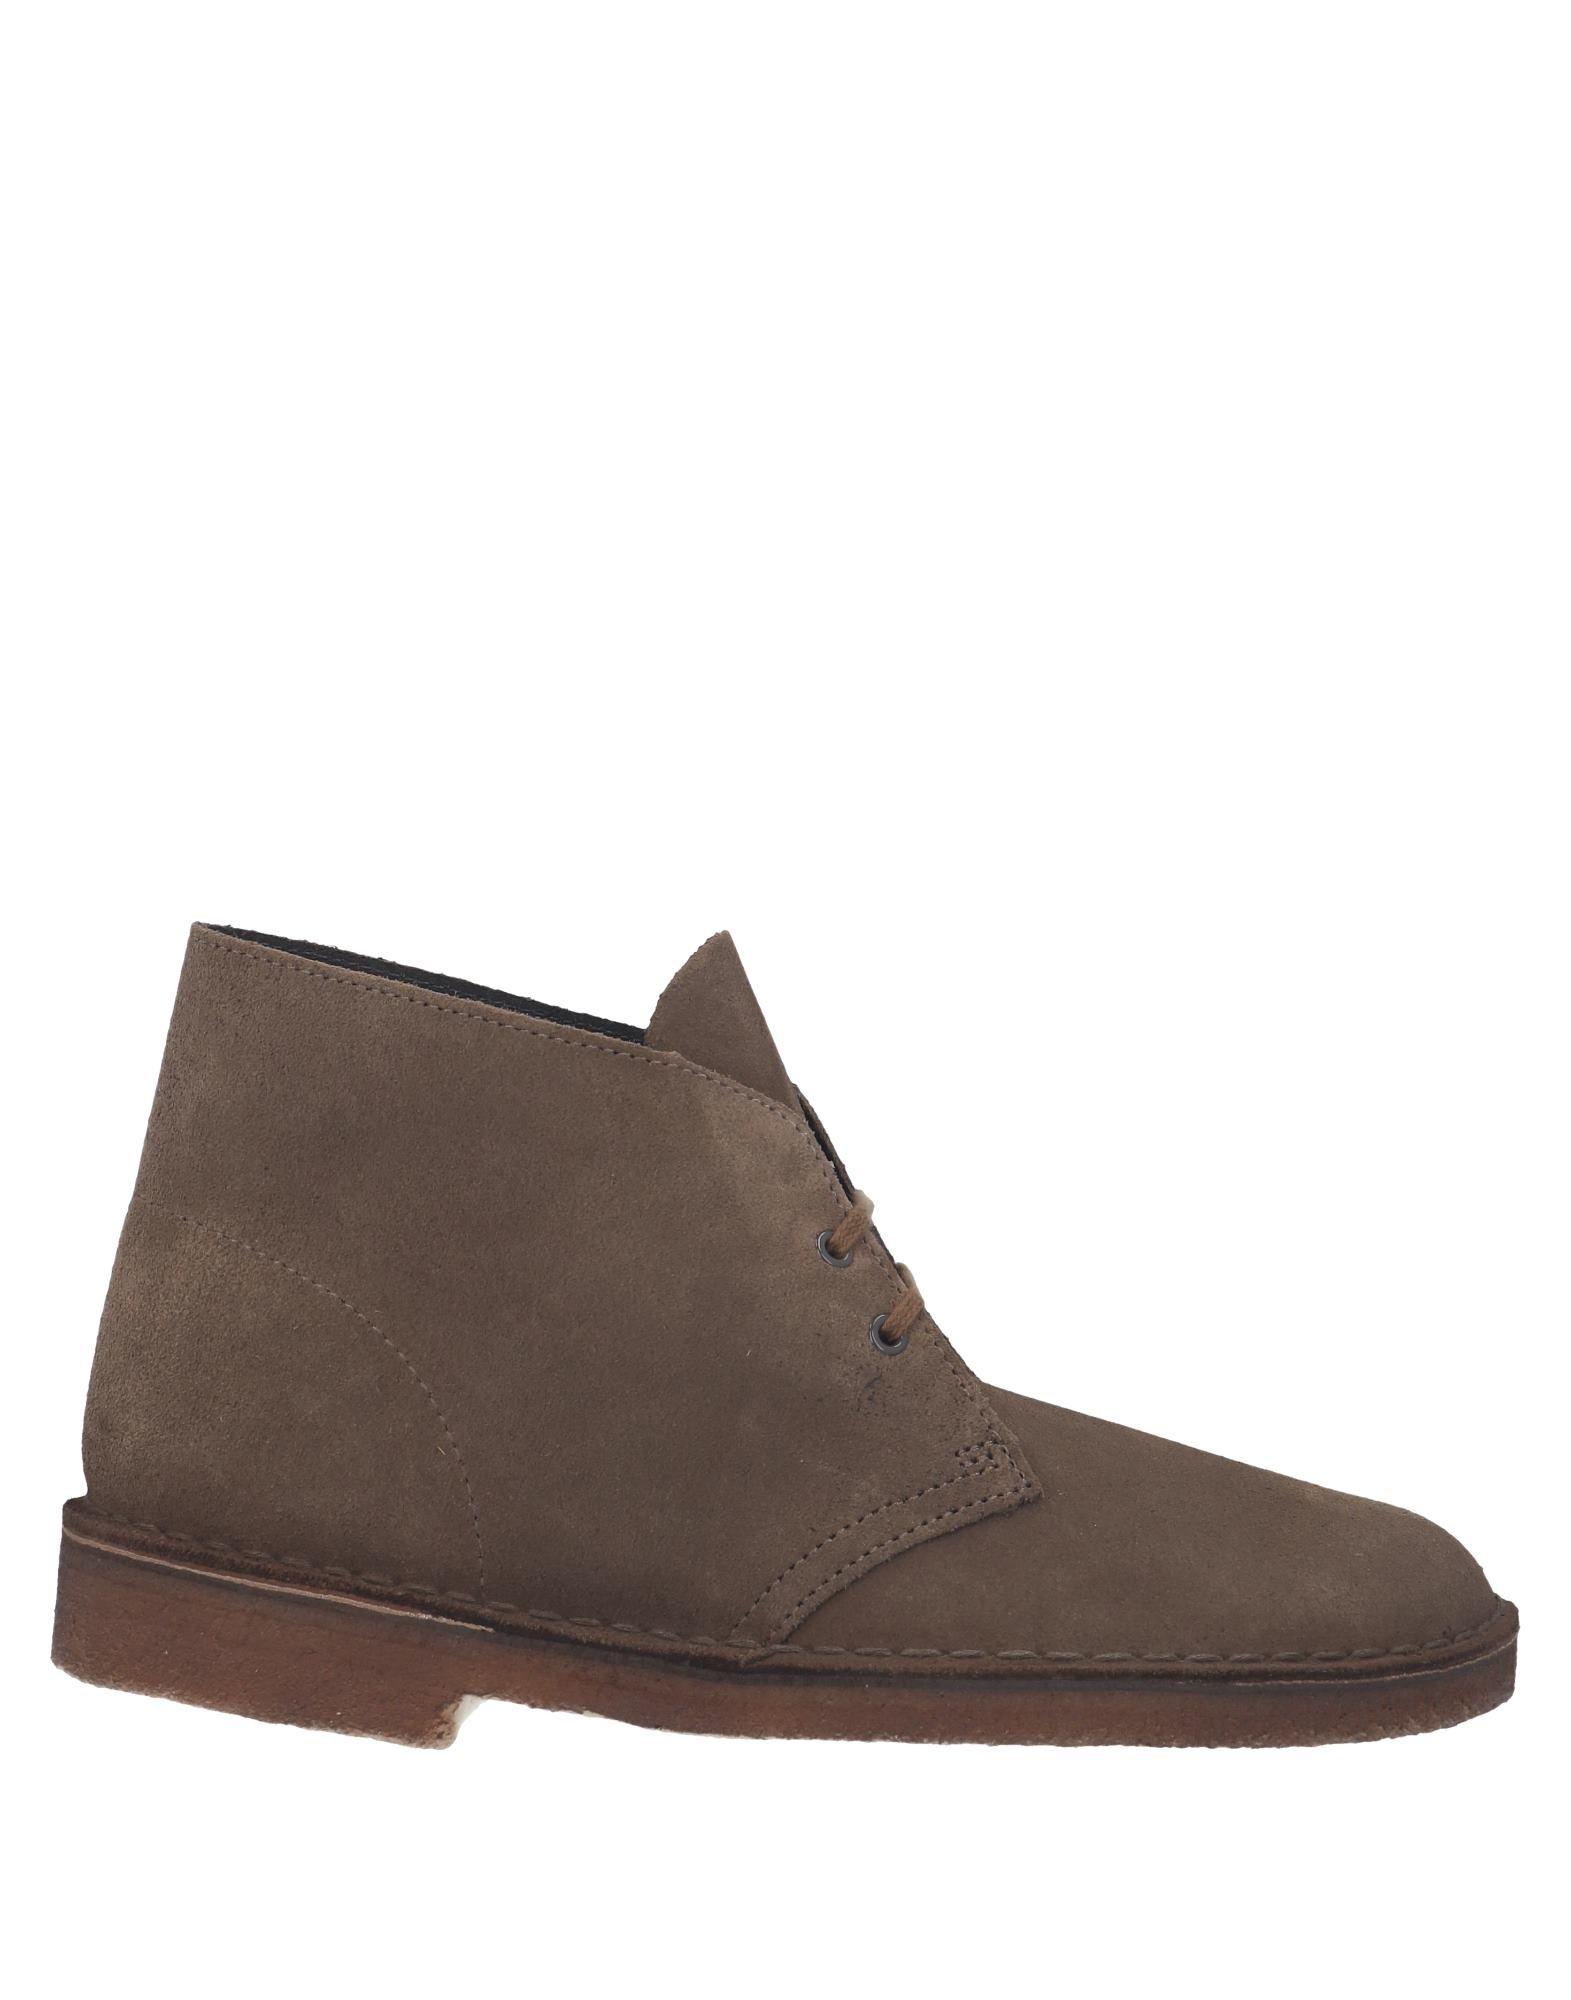 Фото - CLARKS ORIGINALS Полусапоги и высокие ботинки clarks originals desert boot midnight